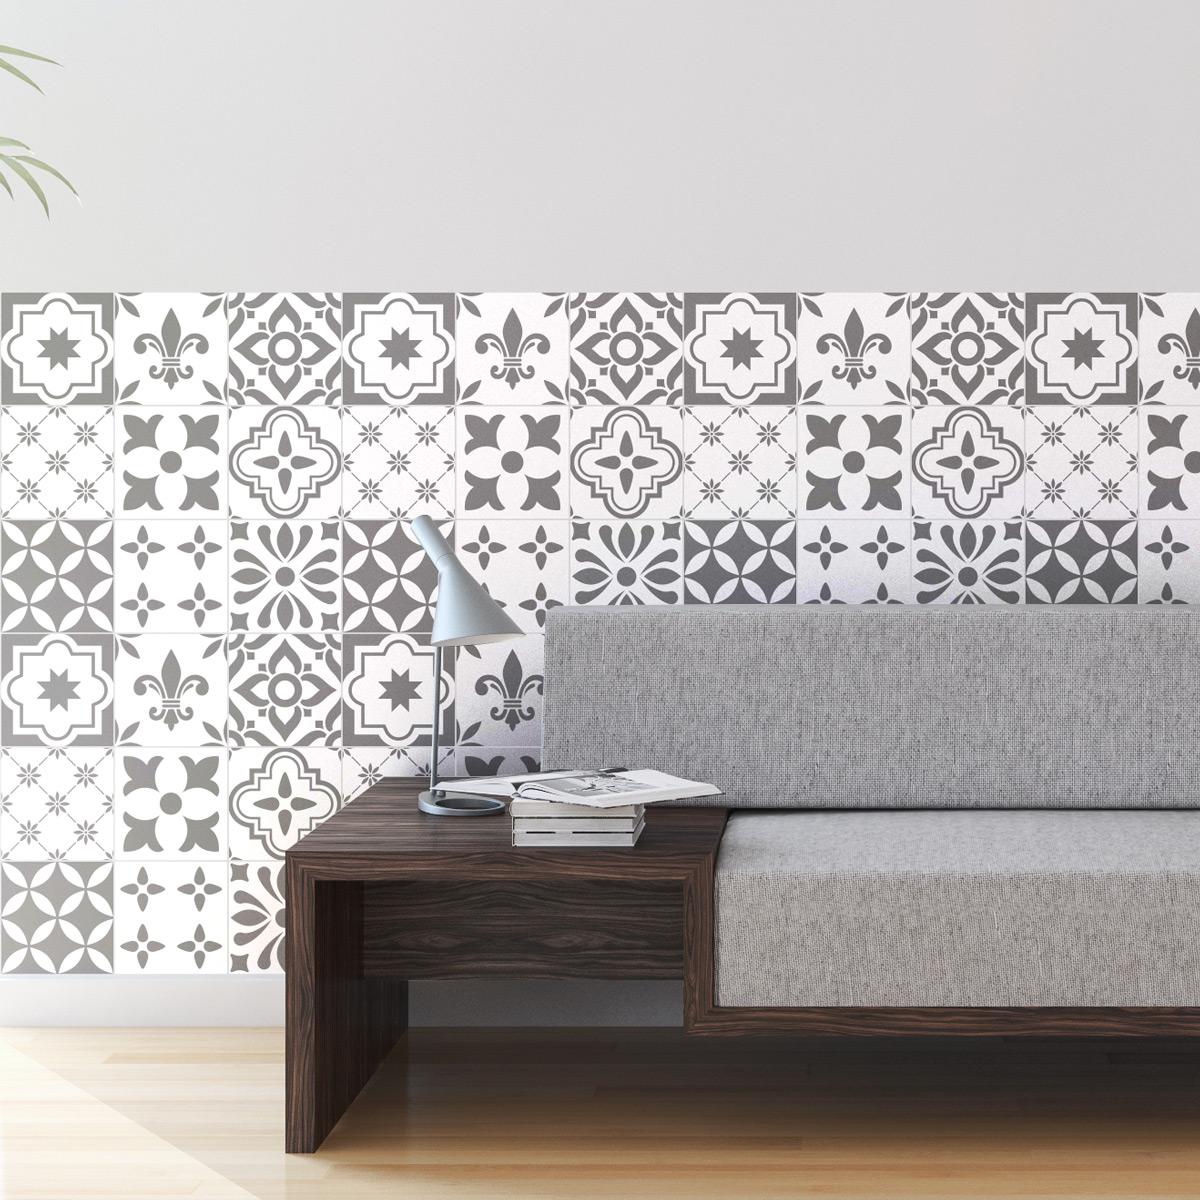 9 stickers carreaux de ciment sivas salle de bain et wc salle de bain ambiance sticker. Black Bedroom Furniture Sets. Home Design Ideas